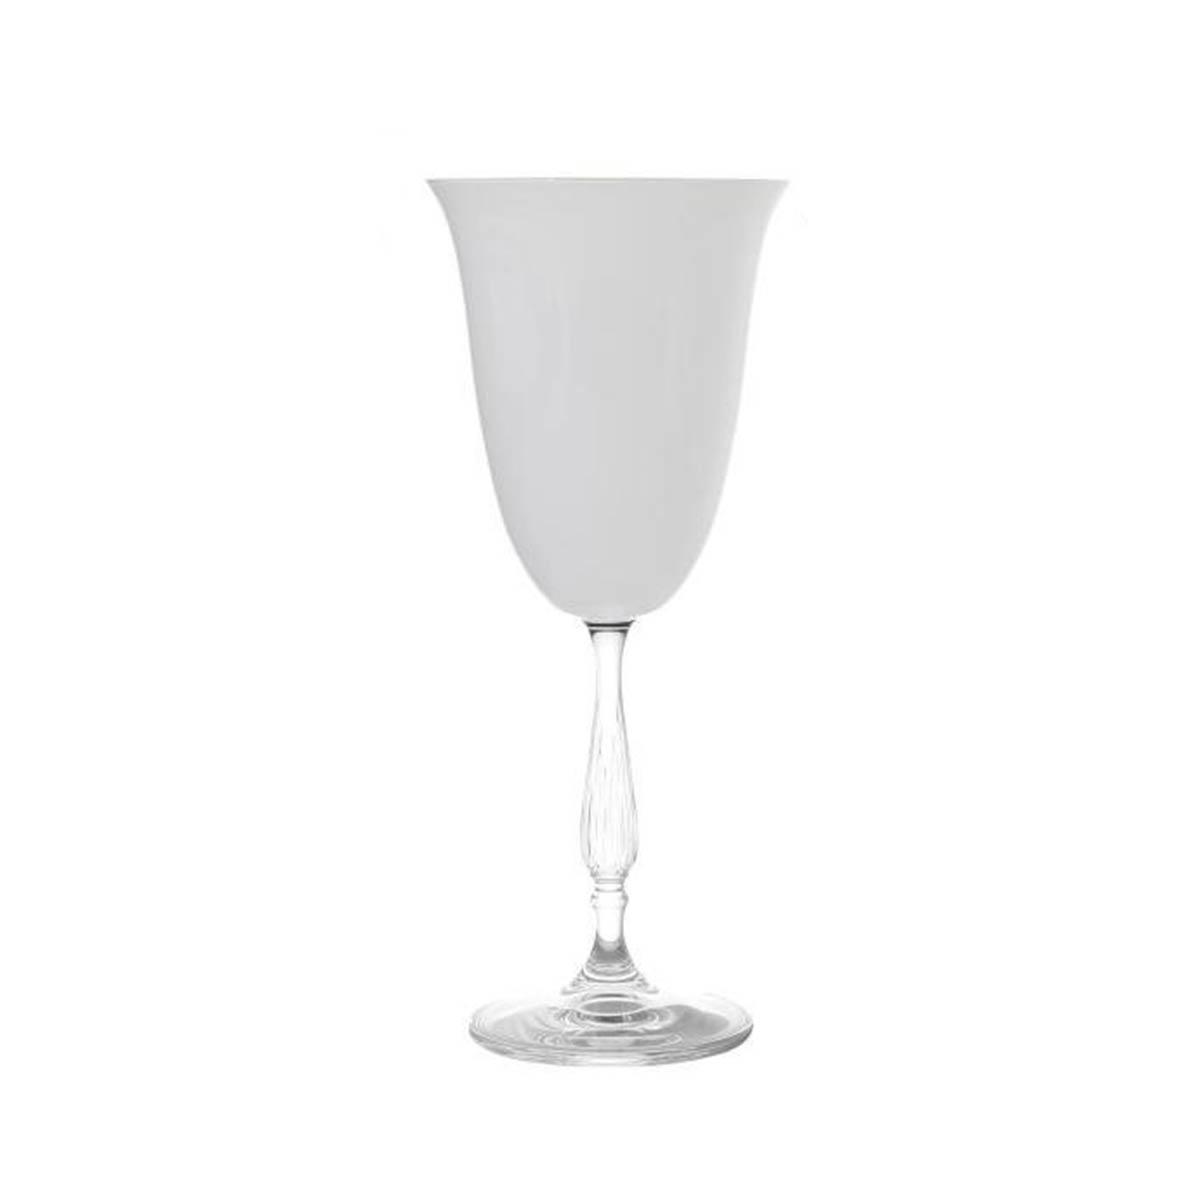 Taça de Vidro Lyor 80 ml  - Lemis